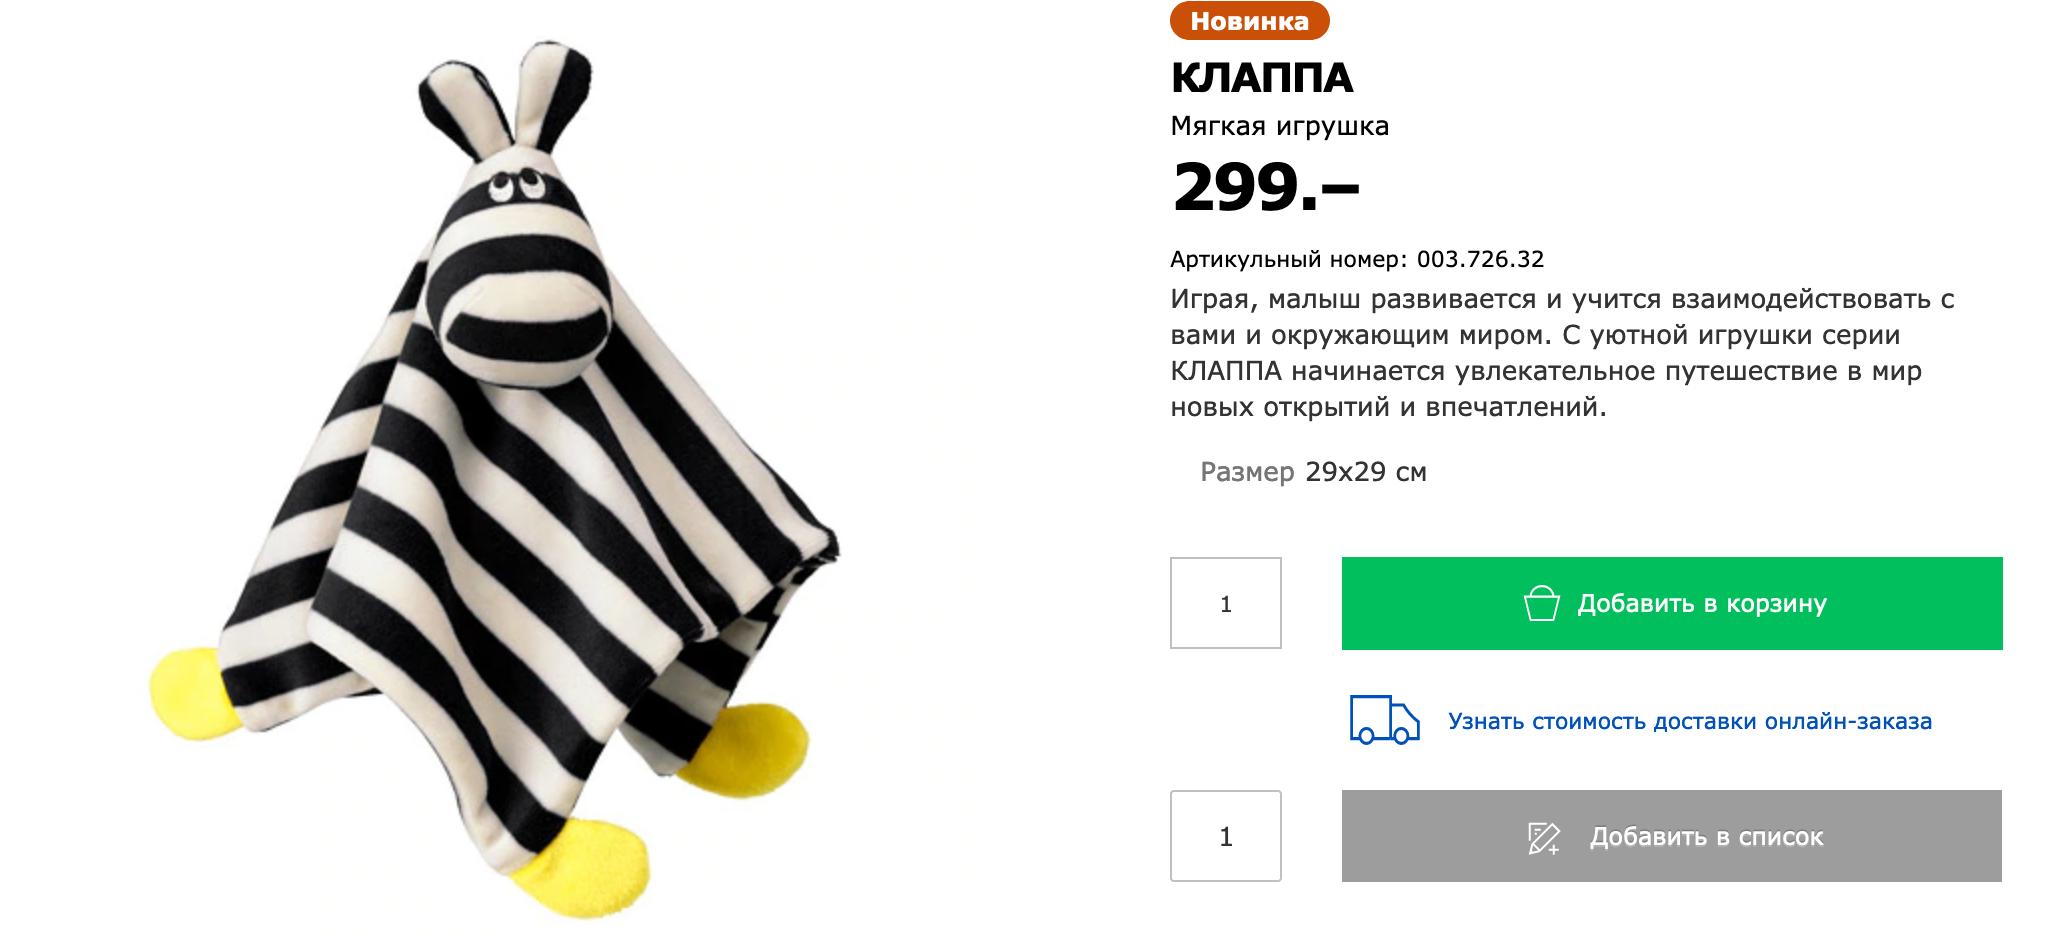 Зебра Клаппа, Икея, скриншот с сайта